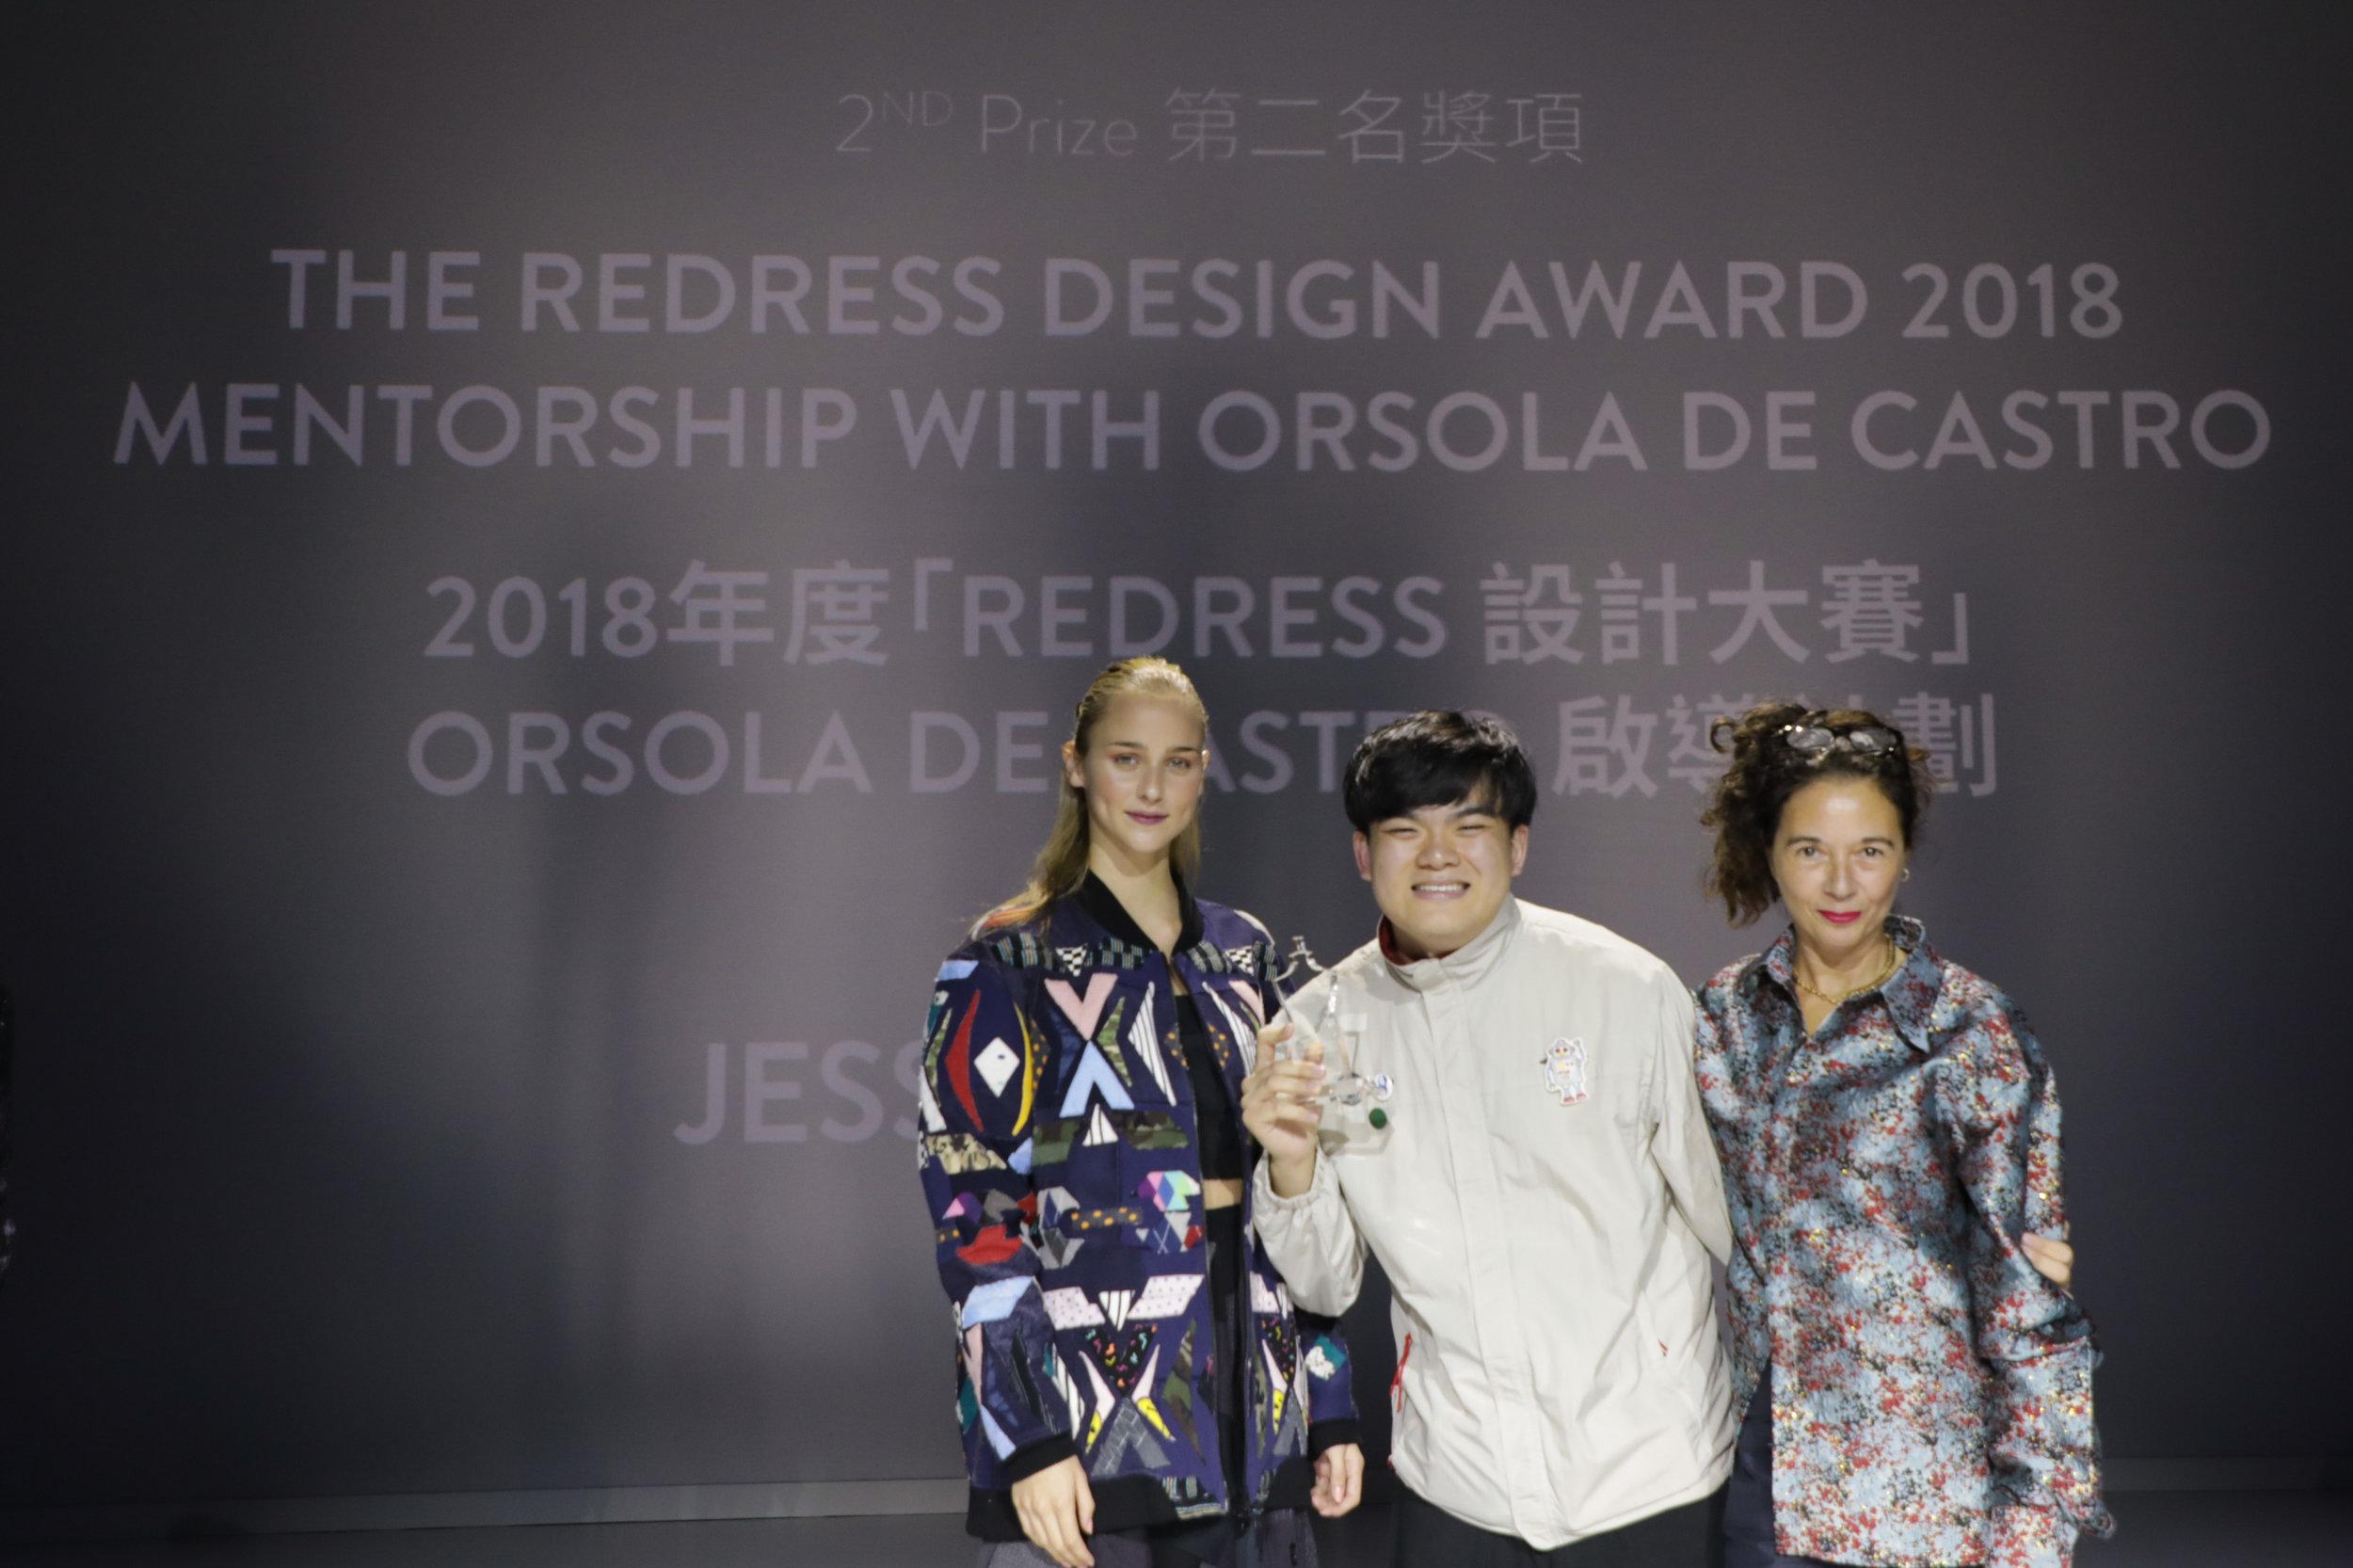 Redress Design Award 2018 Second Prize and Hong Kong Best Winner_Jesse Lee.jpg